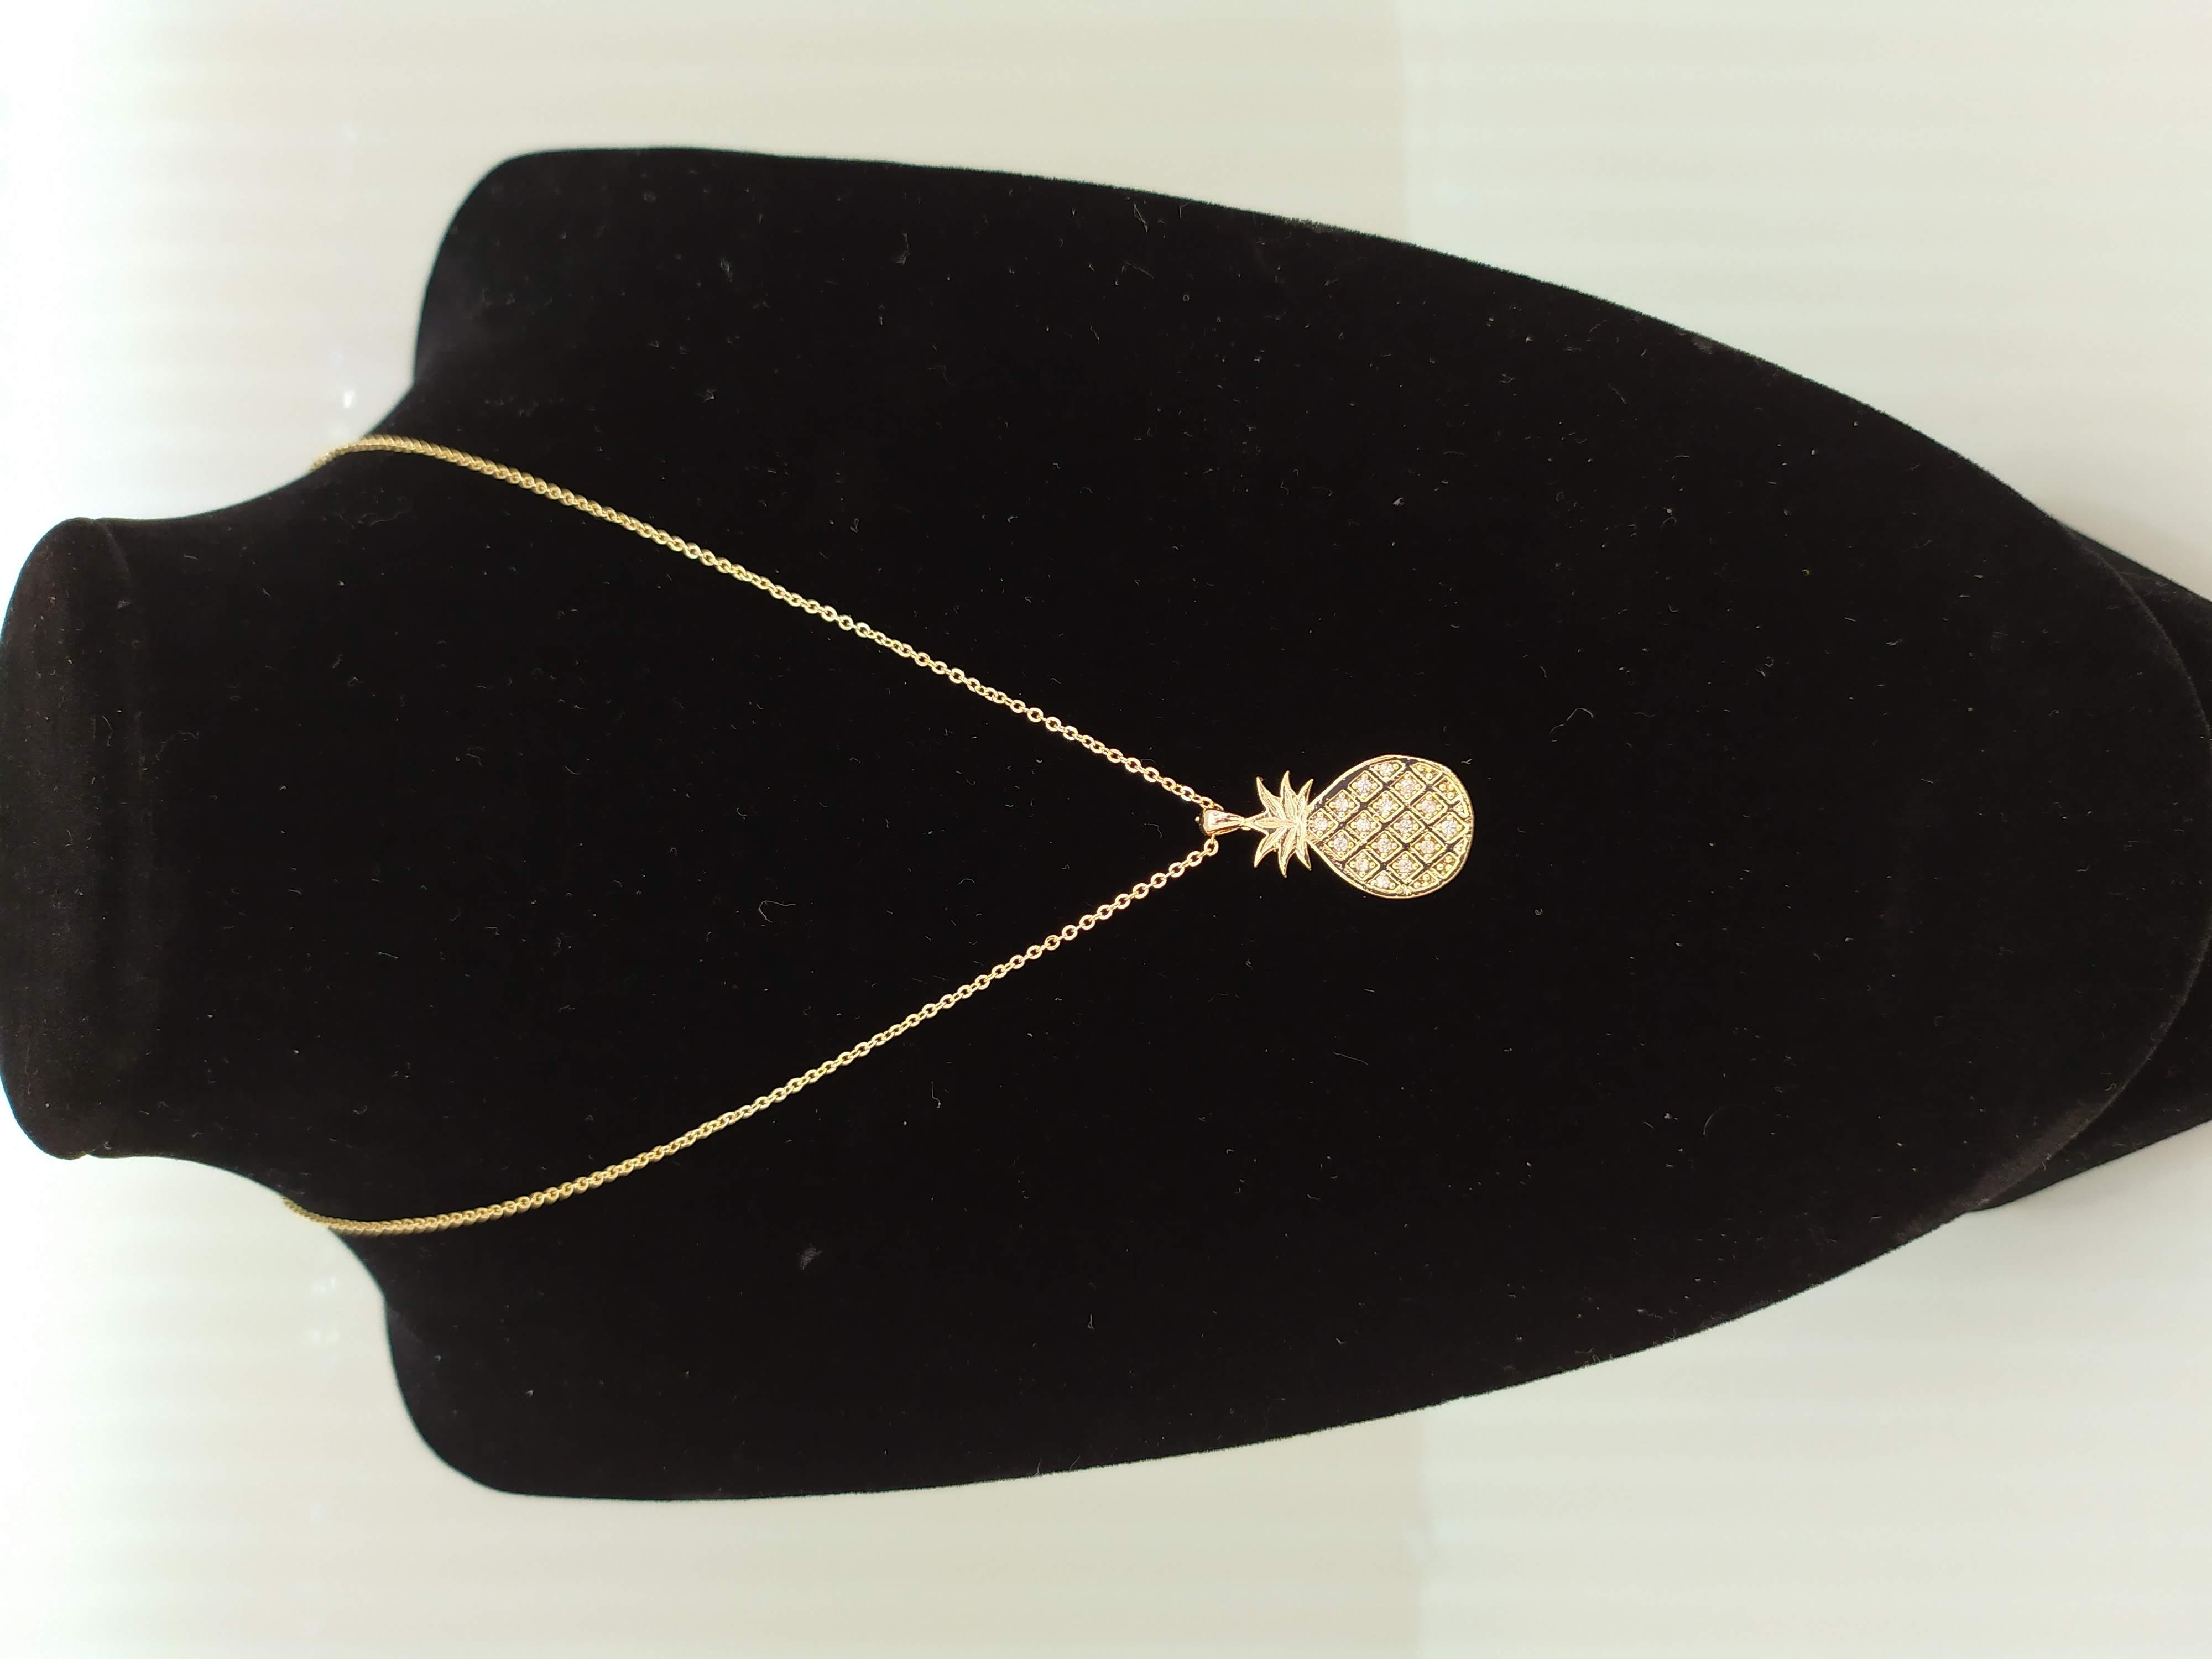 قلادة مطلية بالذهب مع الزركون الممتاز. لا يسبب الحساسية ، لا تغميق / Gold plated necklace with premium zircon. does not cause allergies, does not darken_27